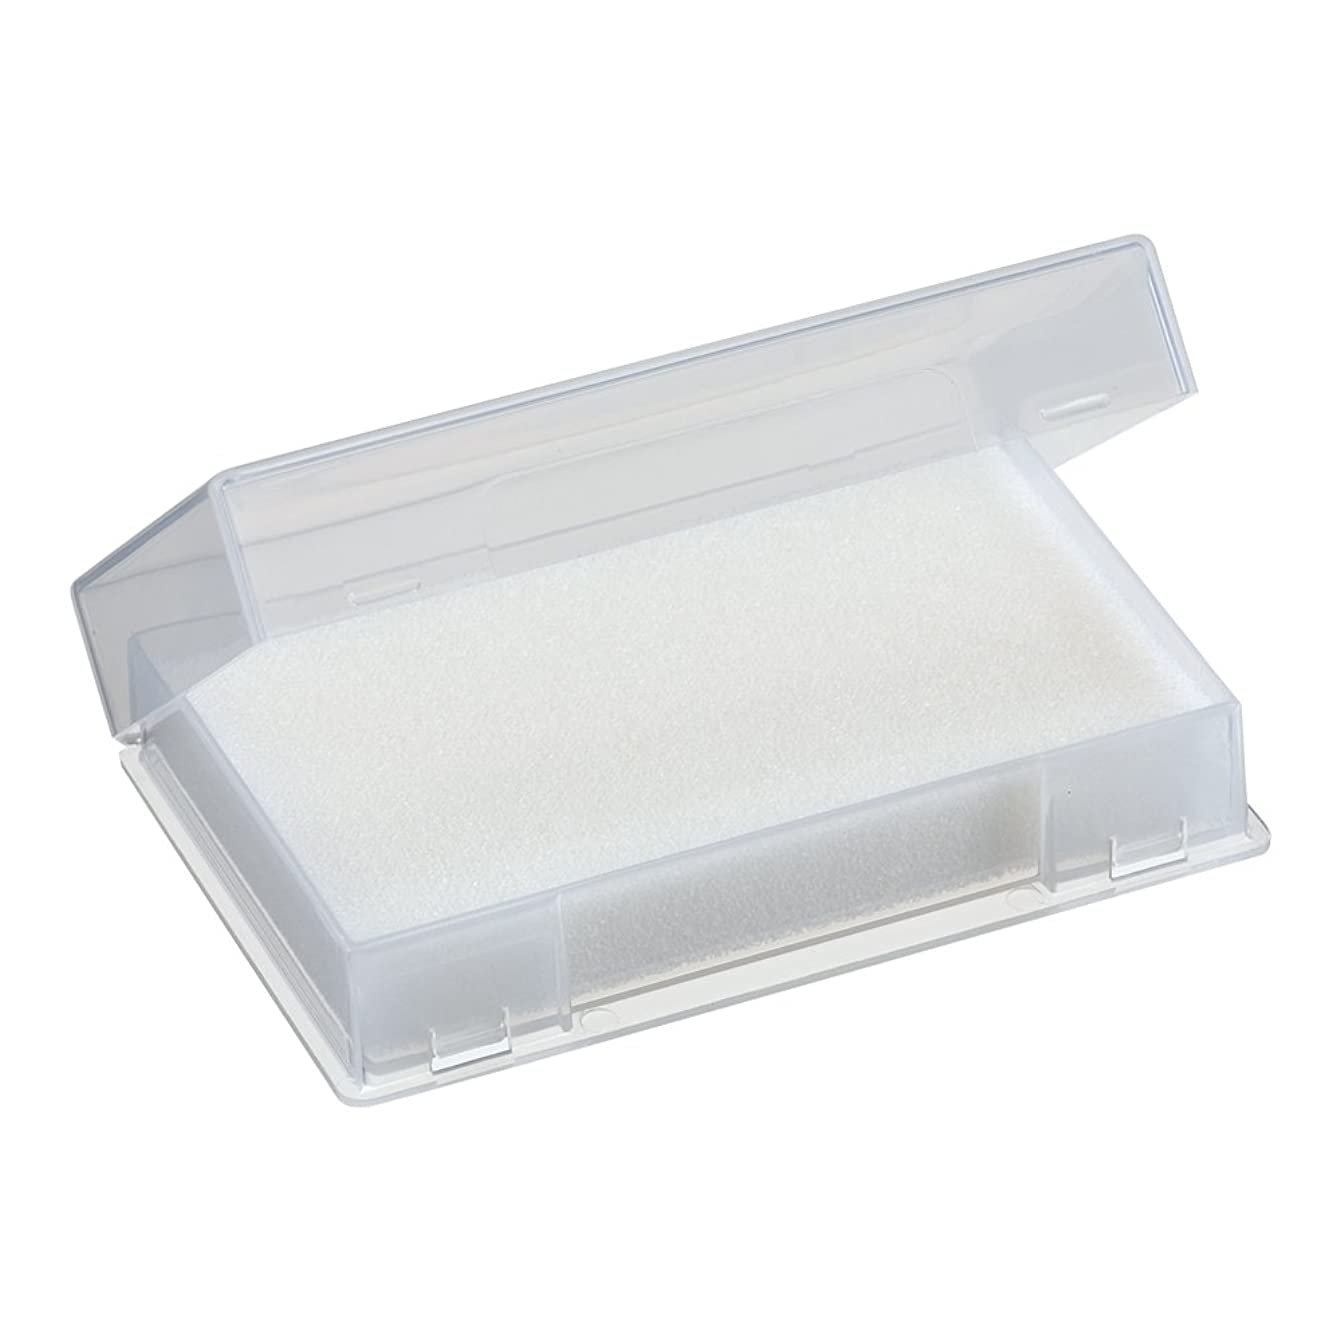 レビューメルボルン情報ネイルチップケース ホワイト